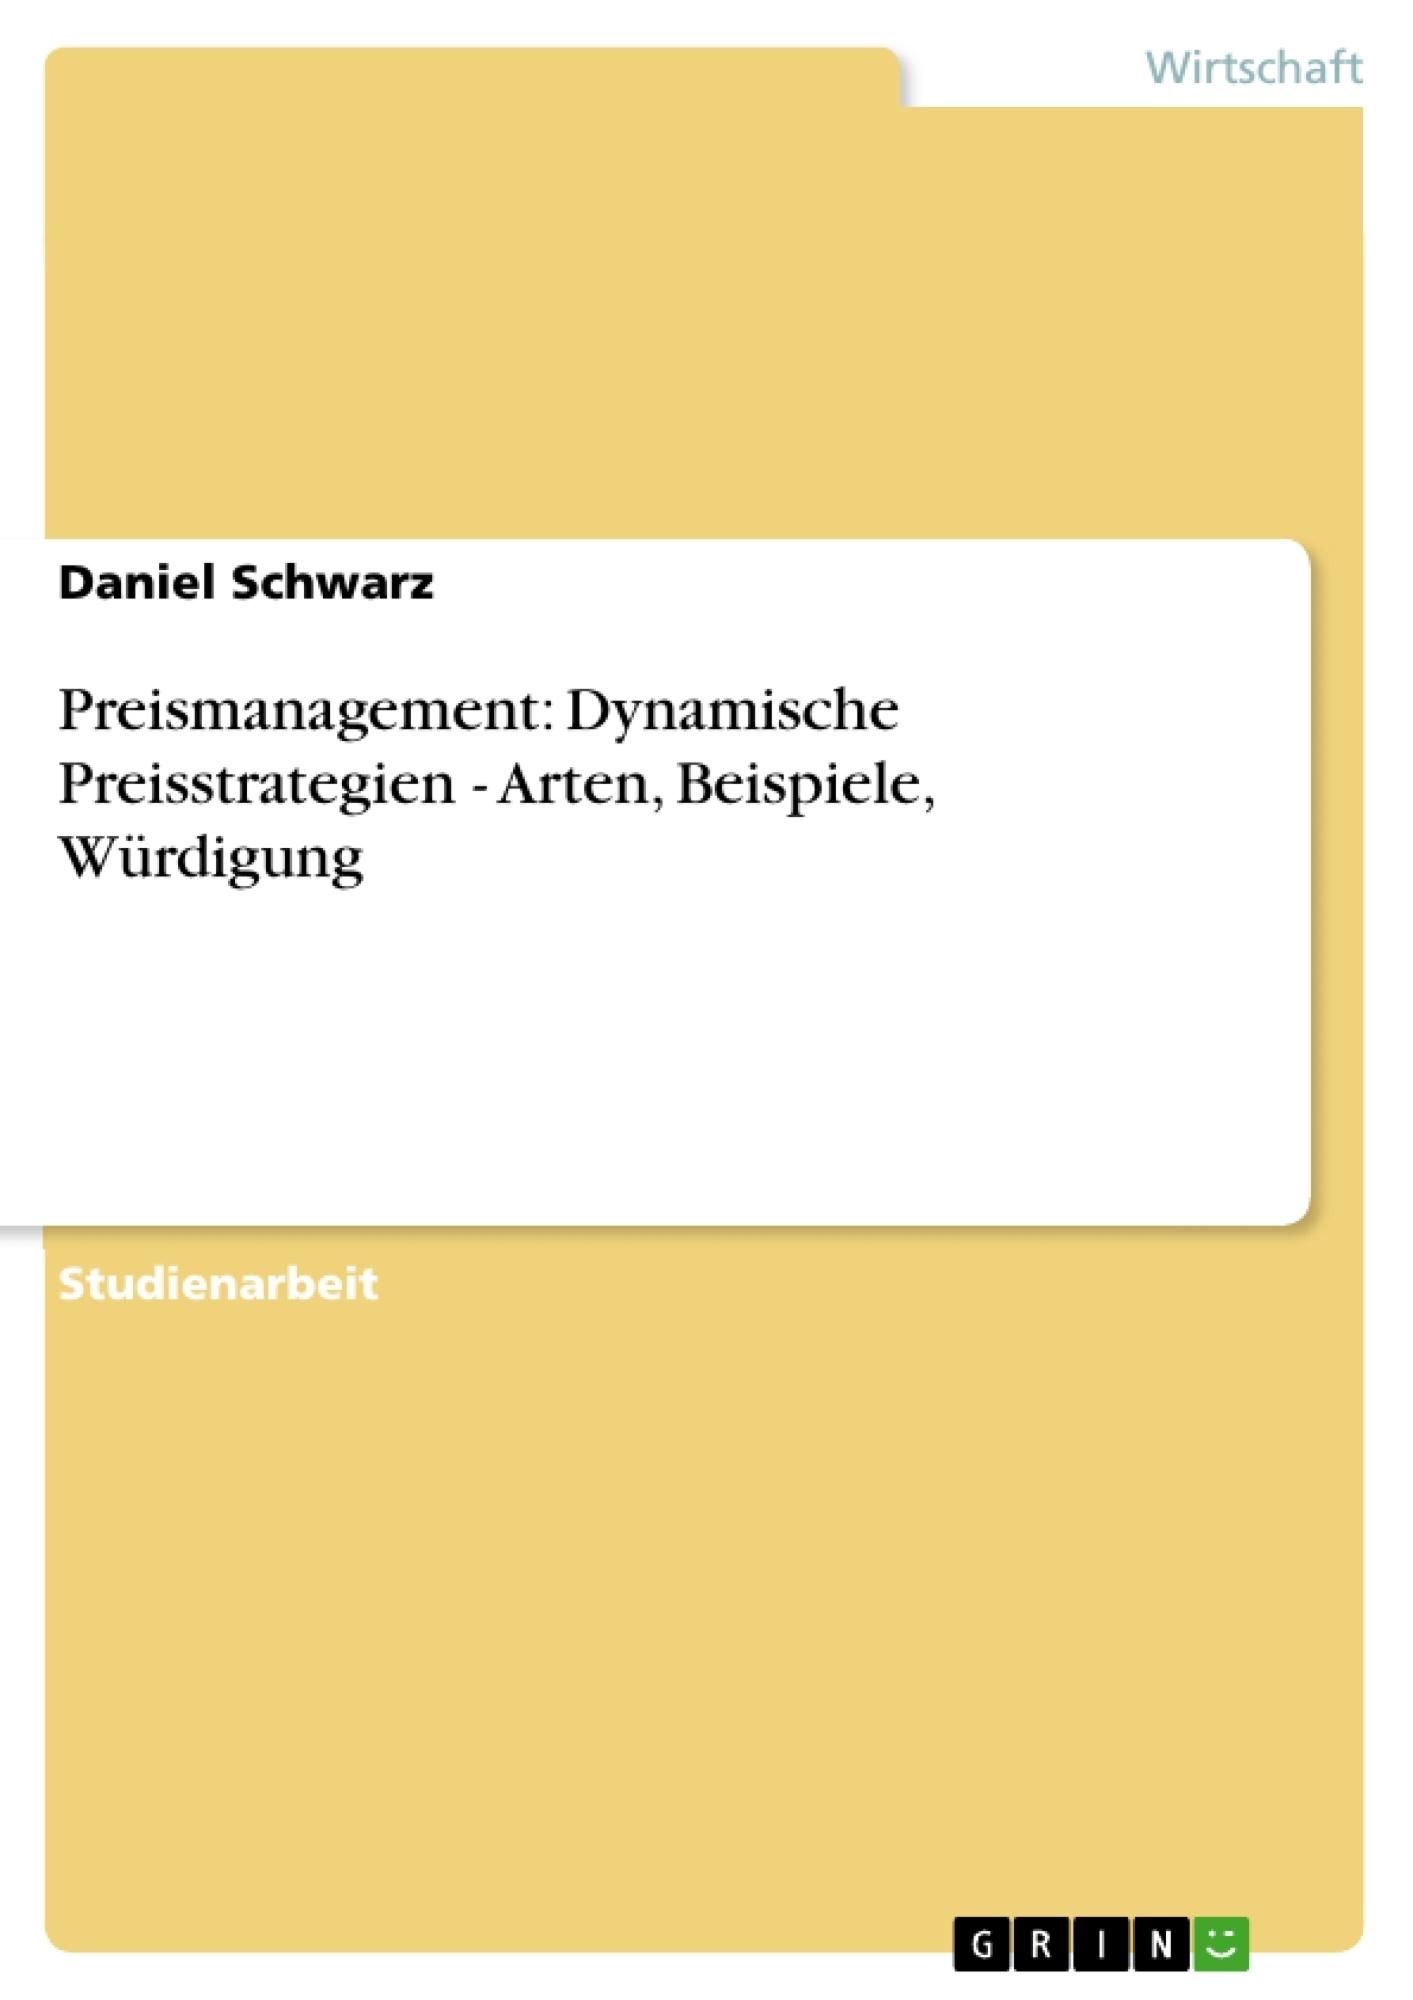 Titel: Preismanagement: Dynamische Preisstrategien - Arten, Beispiele, Würdigung